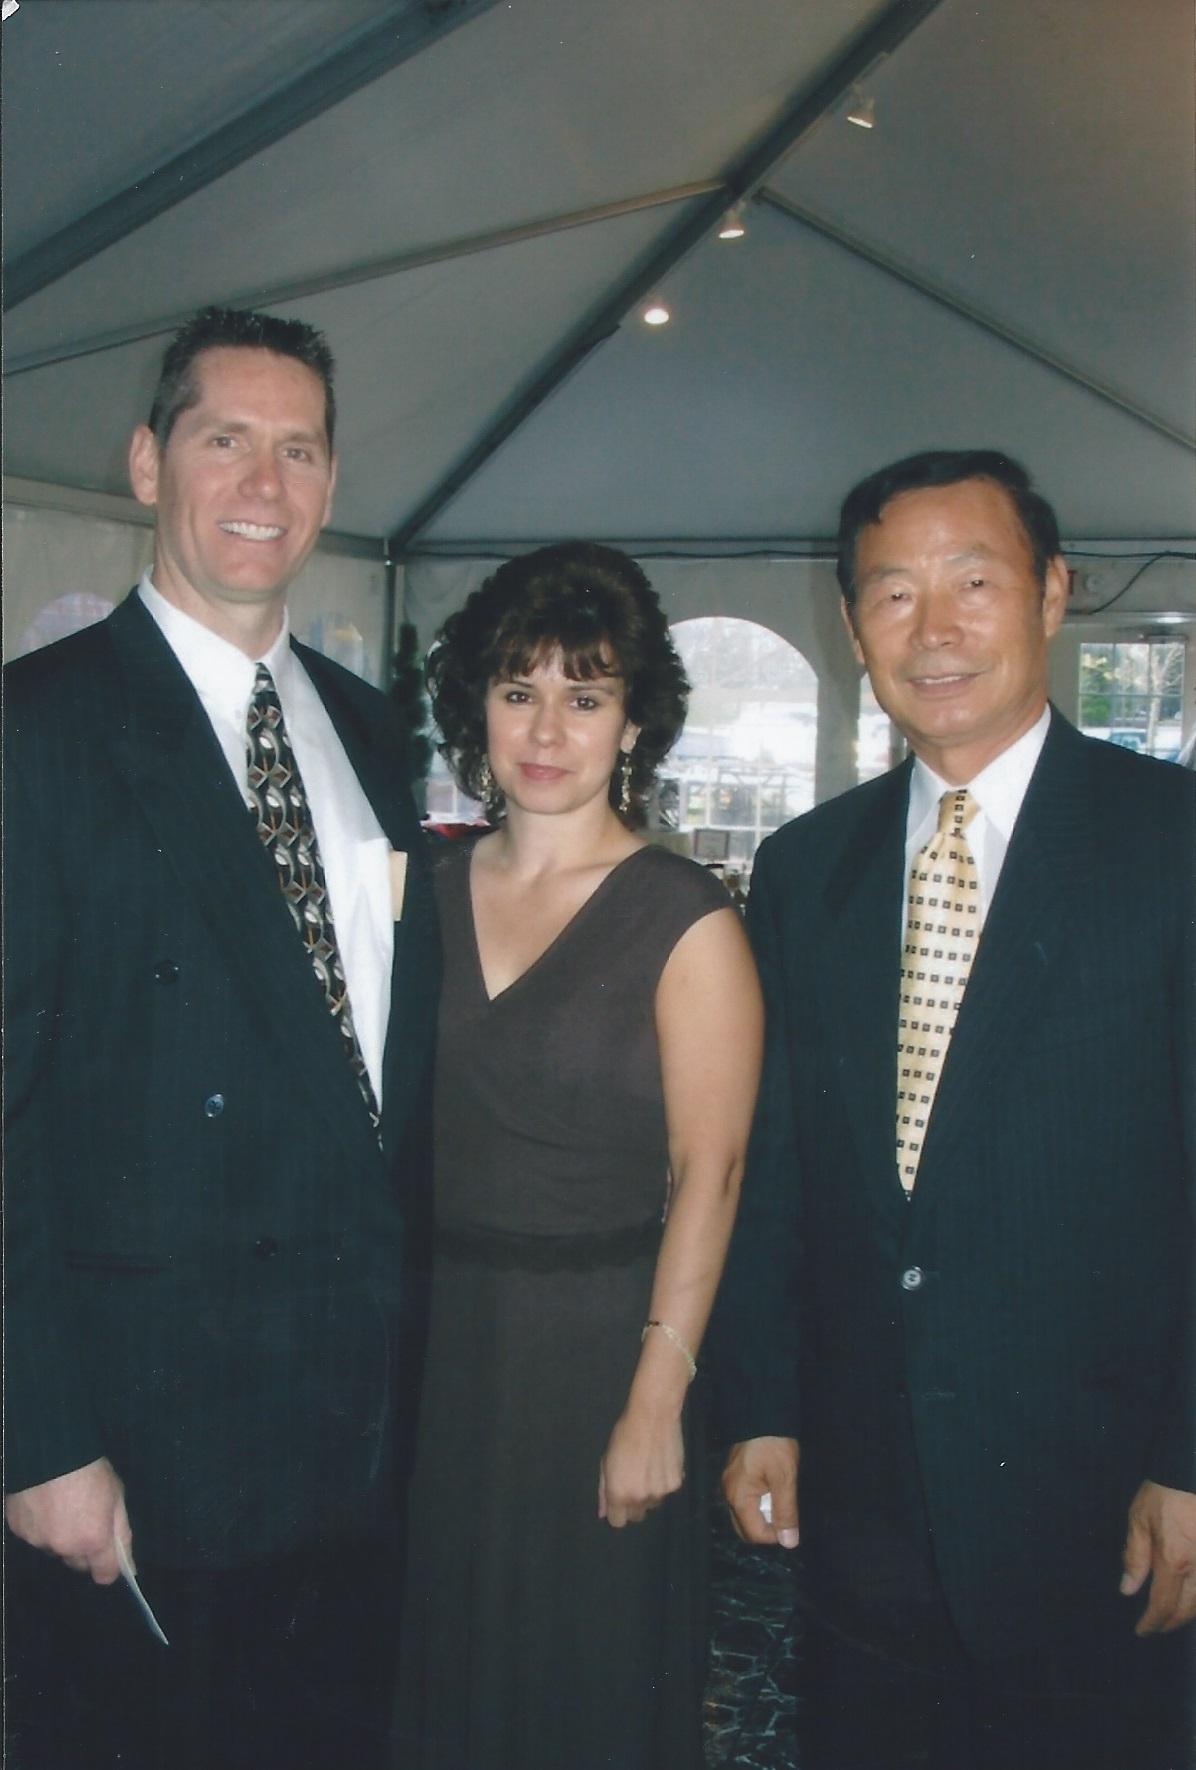 0243 Master Wertz and Dr. Cohen Wedding 2006.jpg